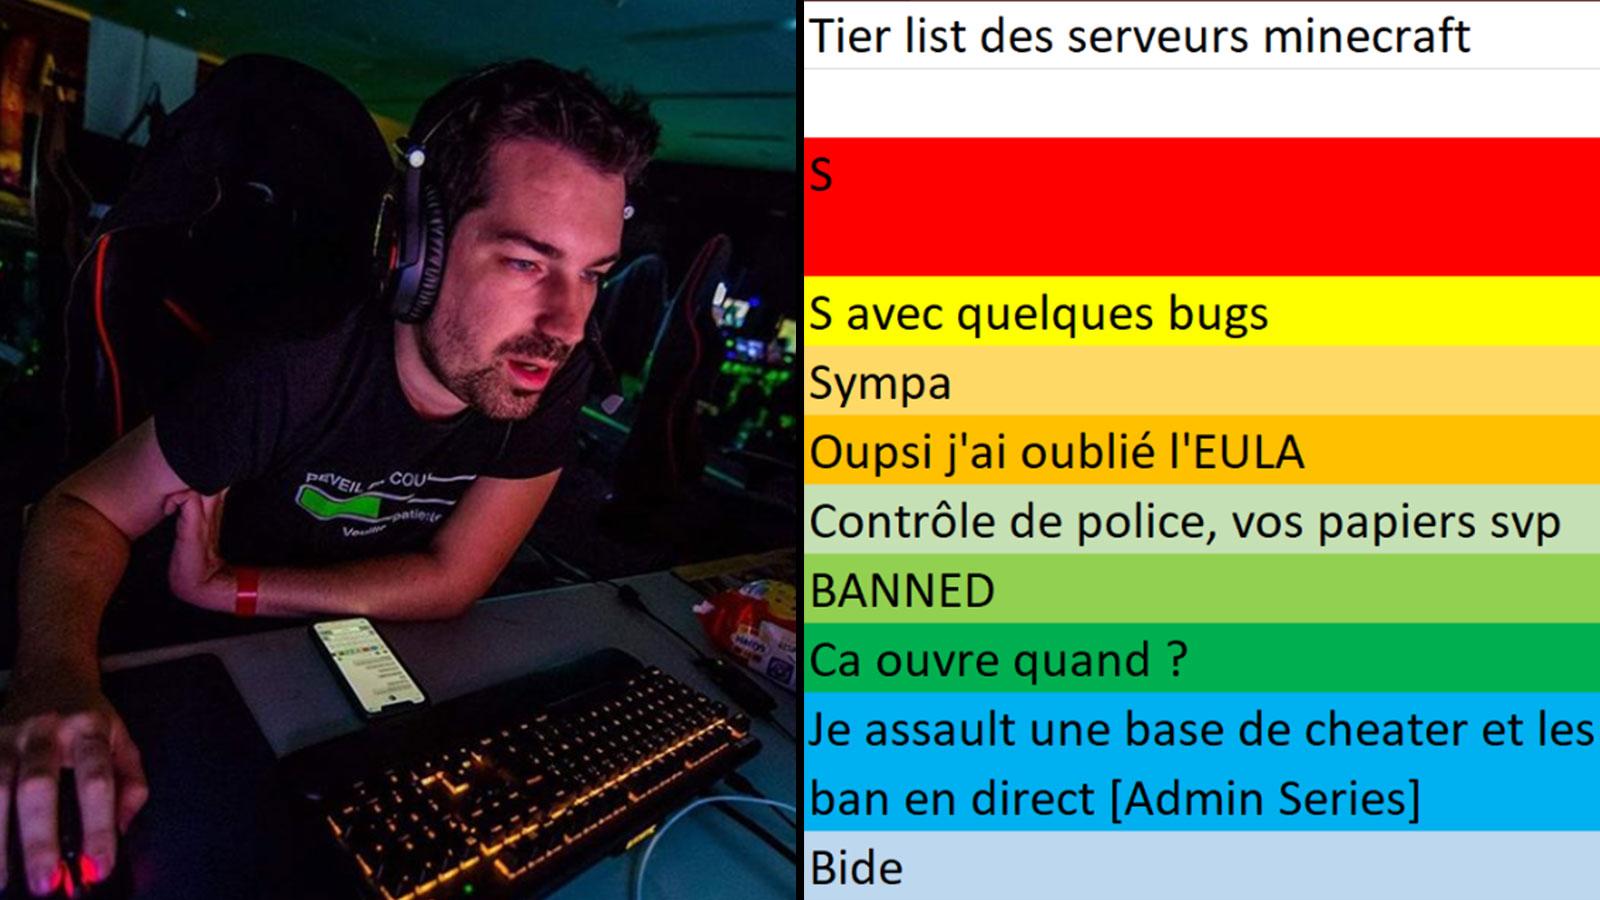 En live Aypierre s'est lancé dans l'élaboration de tier lists